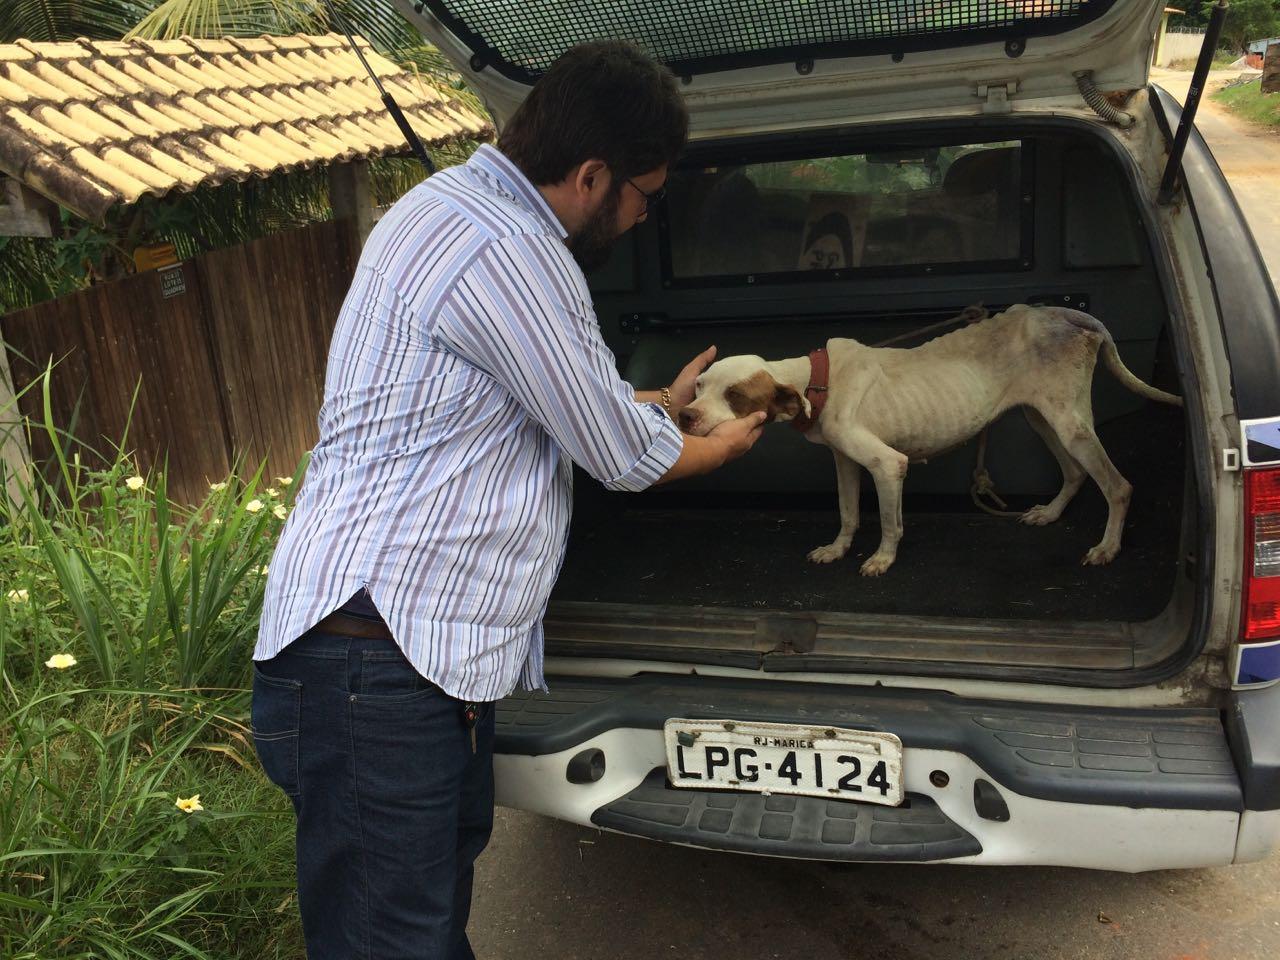 Agentes da Guarda resgatam animal que sofria maus-tratos em Maricá